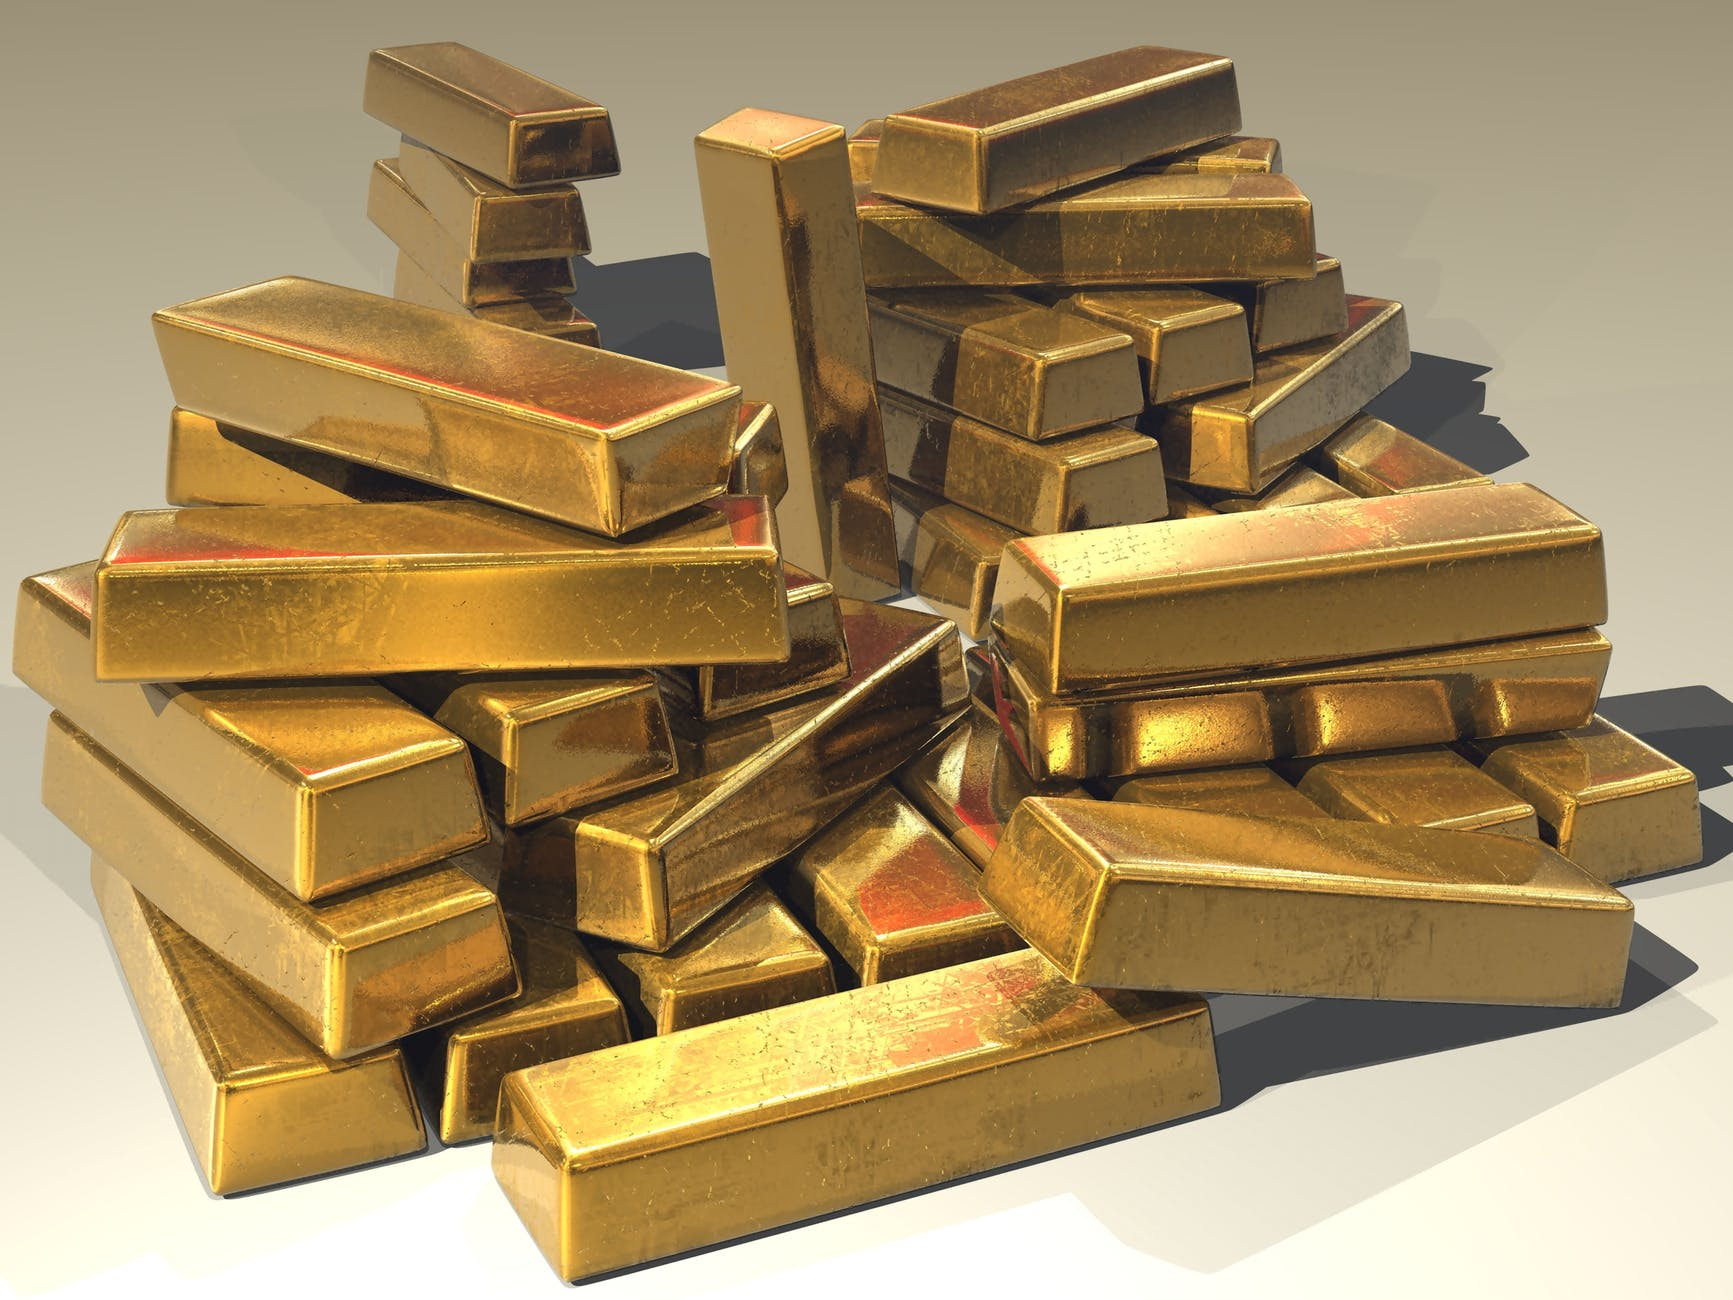 Банки каких стран скупили больше золота